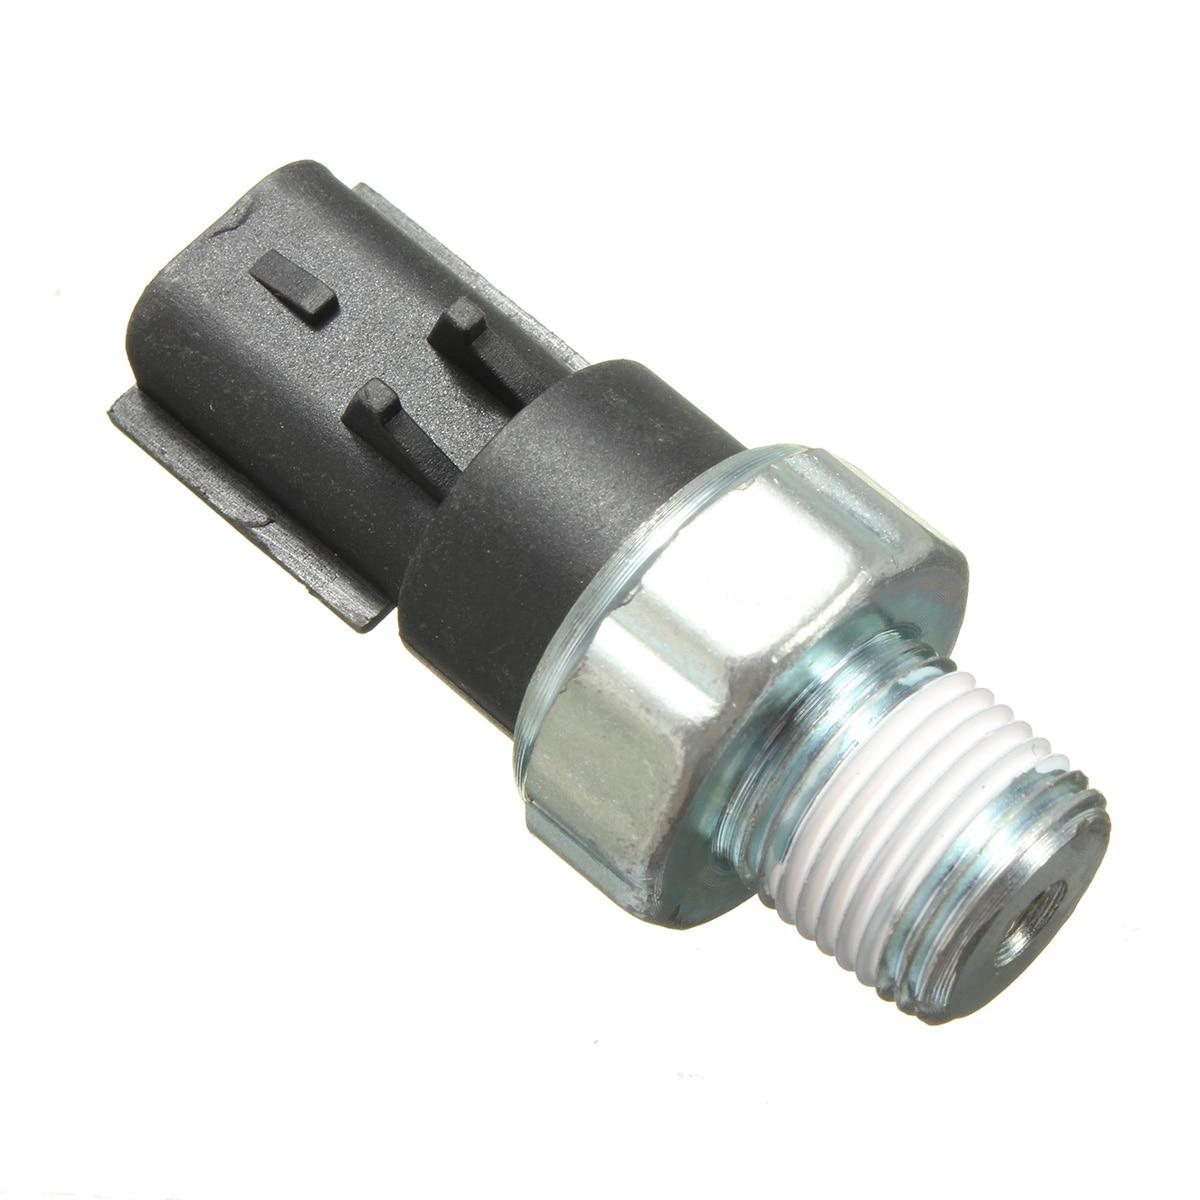 Interruptor de Sensor de presión de aceite de motor para coche PS287 para Chrysler para esquivar para jeep para Mitsubishi Eclipse/Eagle